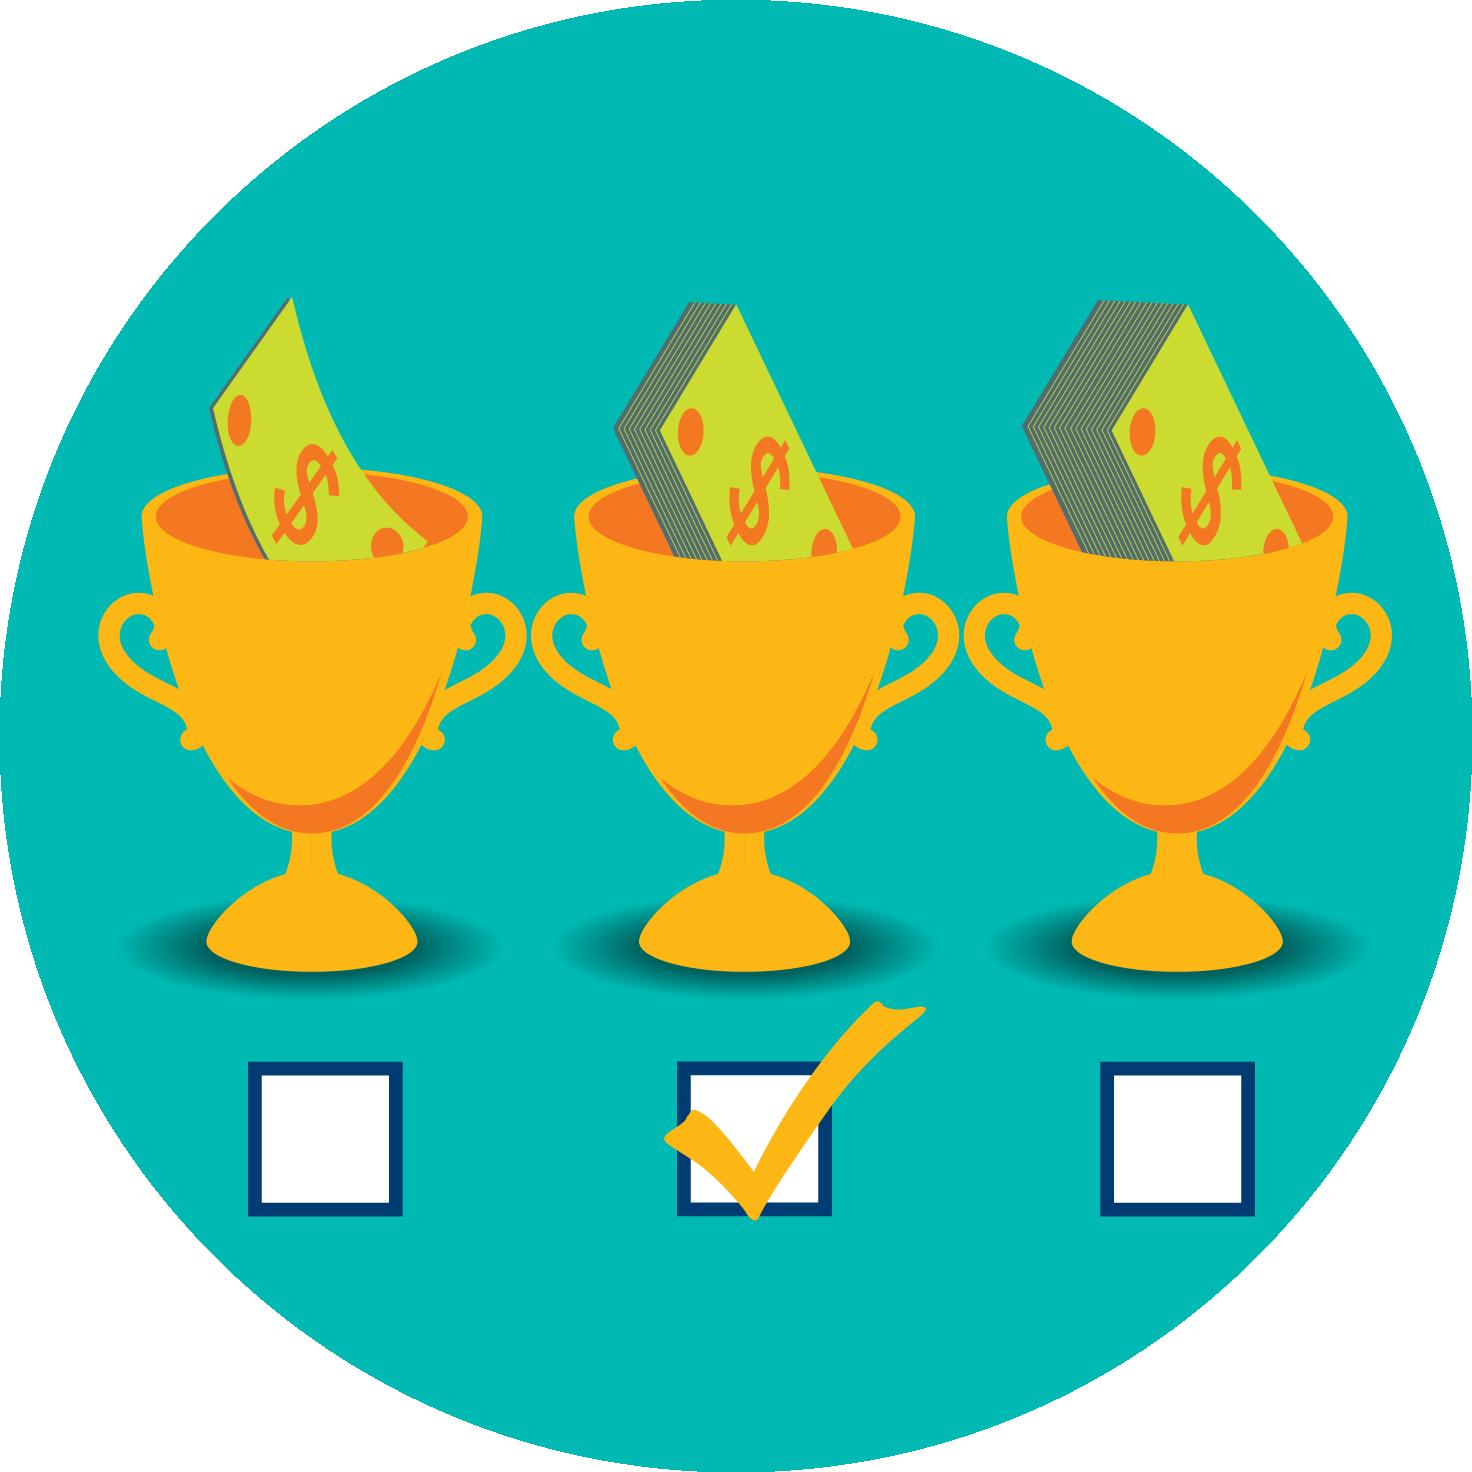 所示为三座奖杯,表示不同等级的派彩。在每个奖杯下方都有一个选项,其中中间中奖限额被勾选。